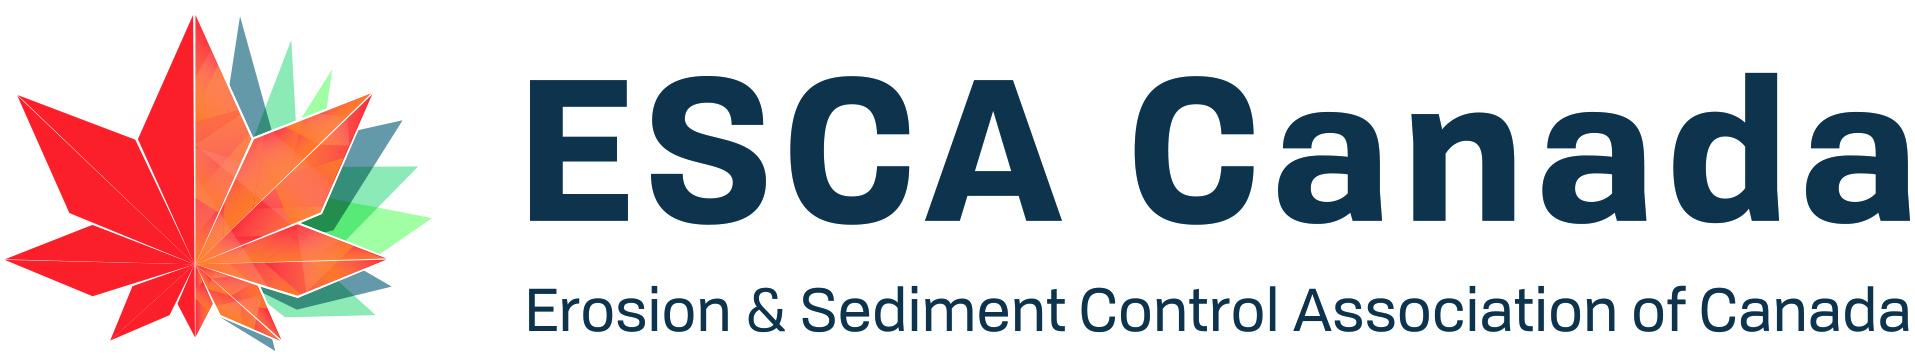 ESCA Canada Logo